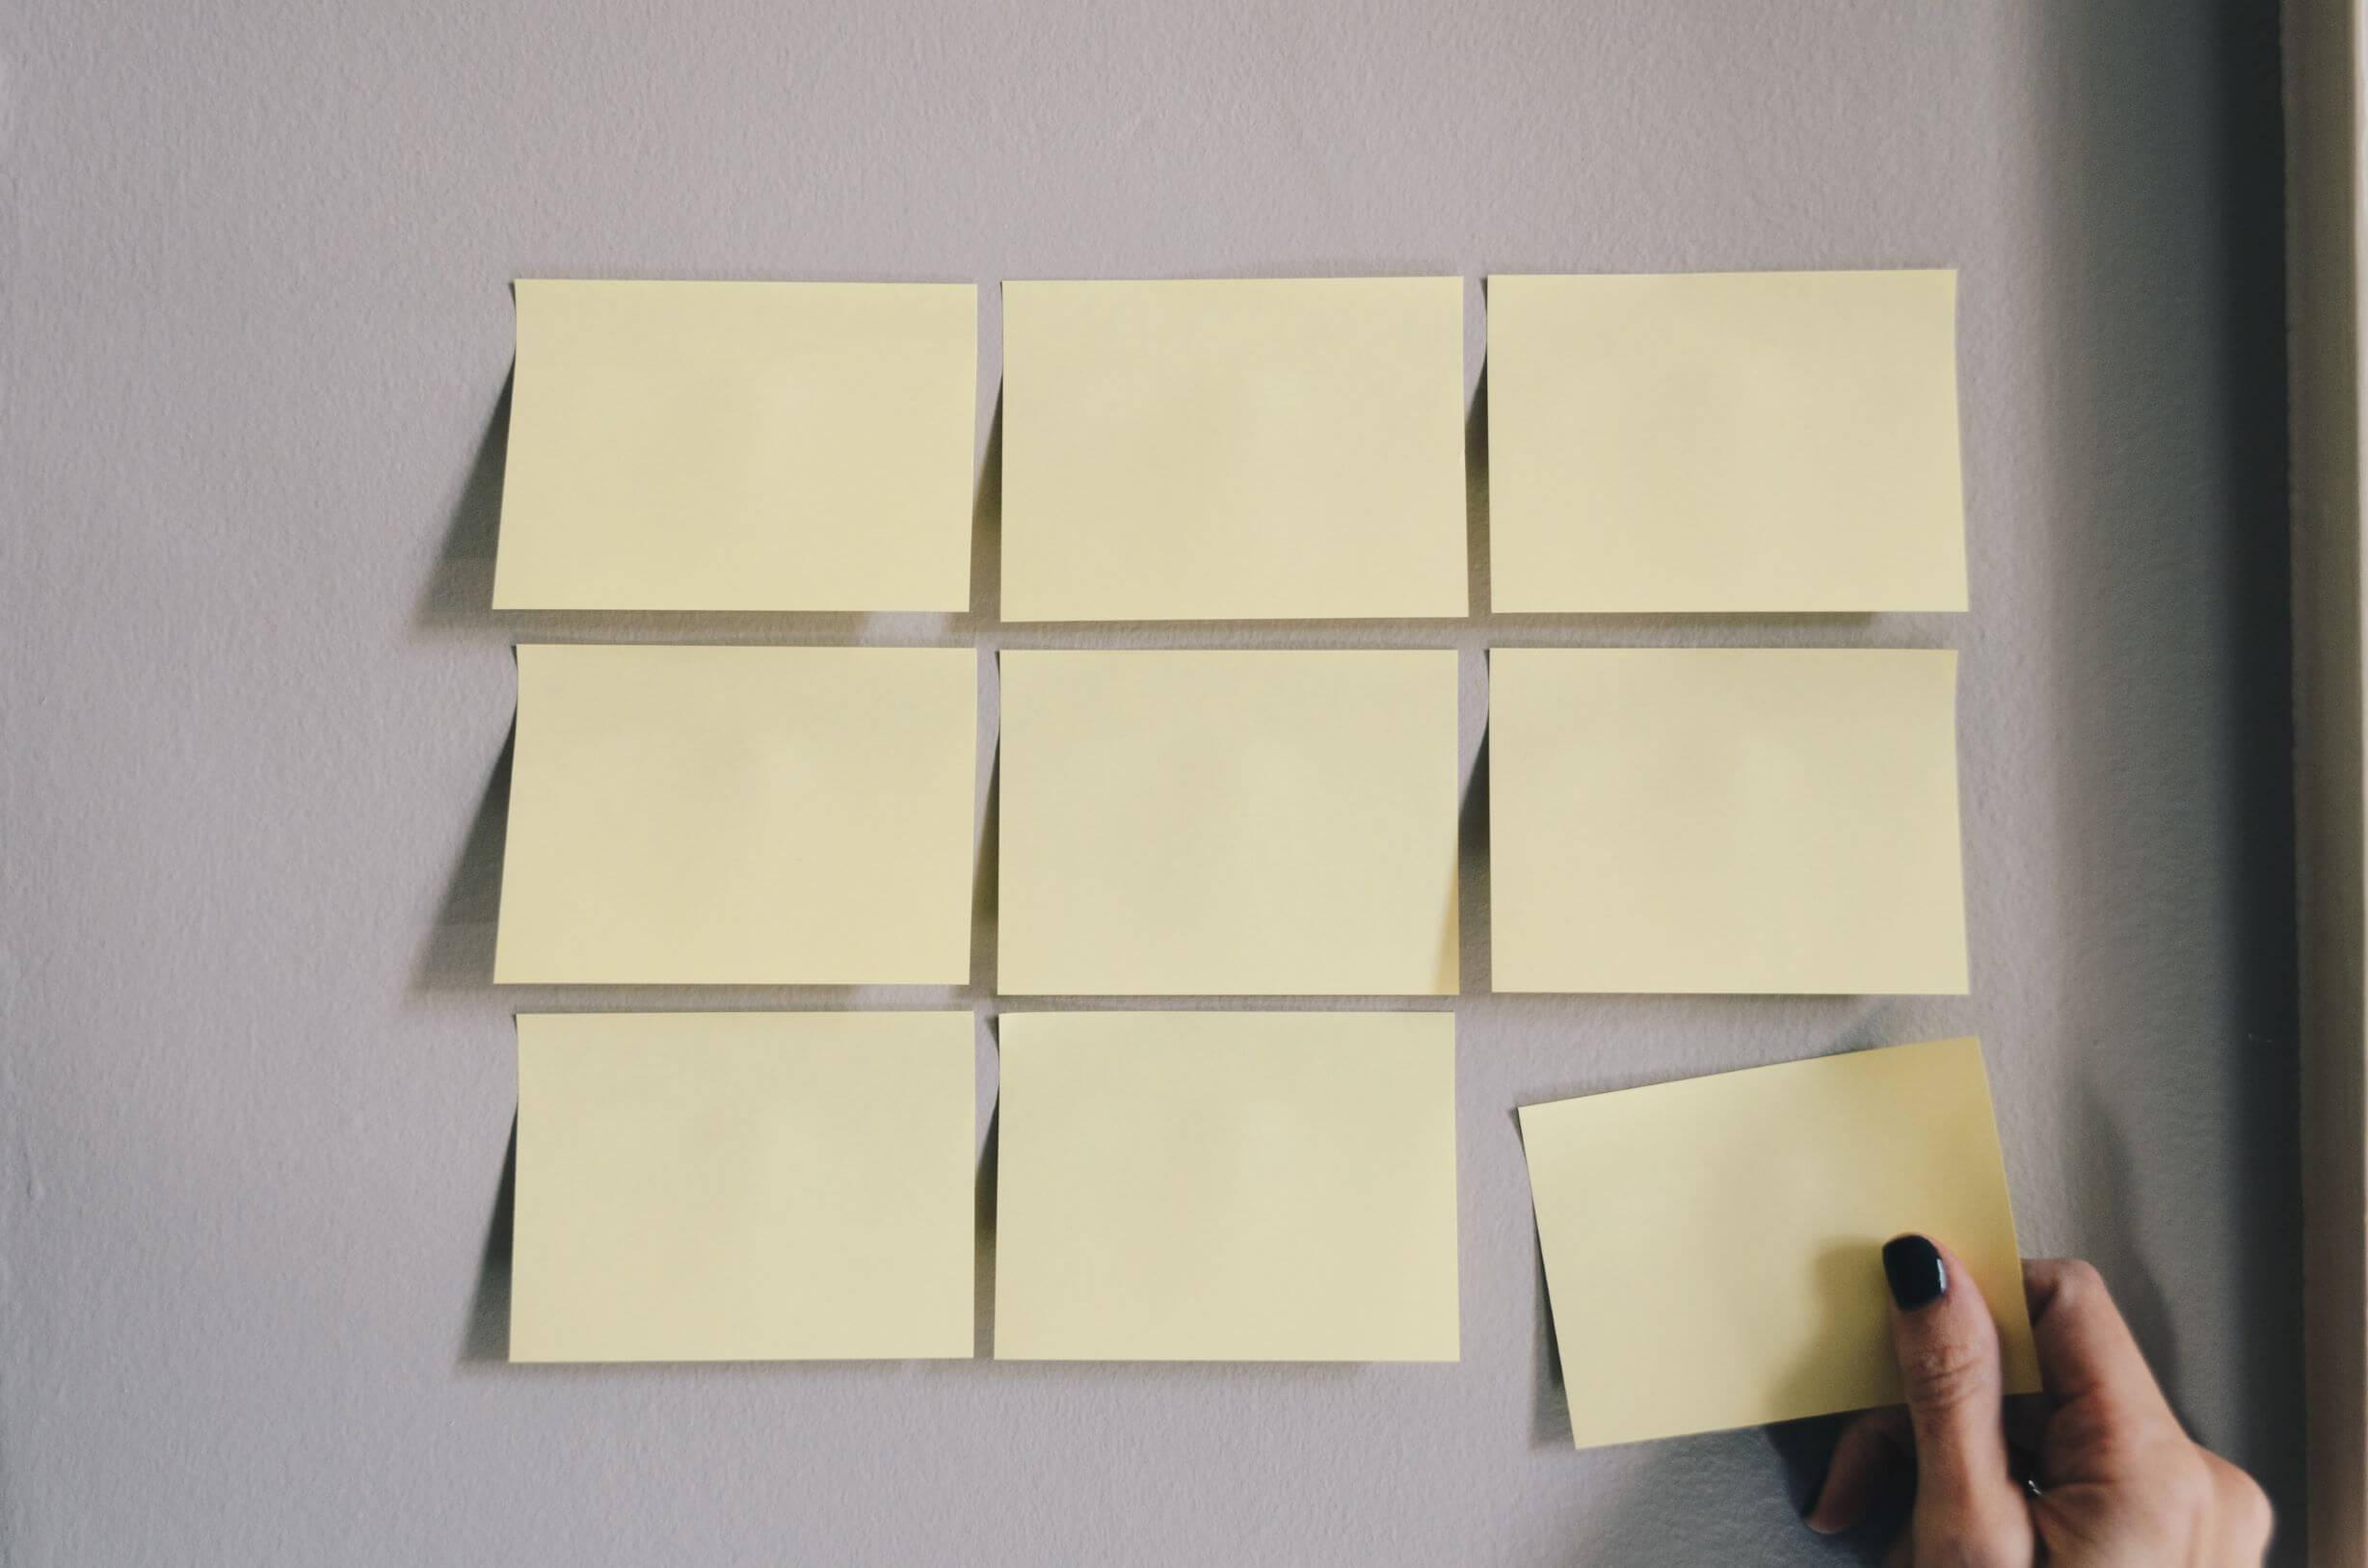 Planung mit Post IT Zettelchen